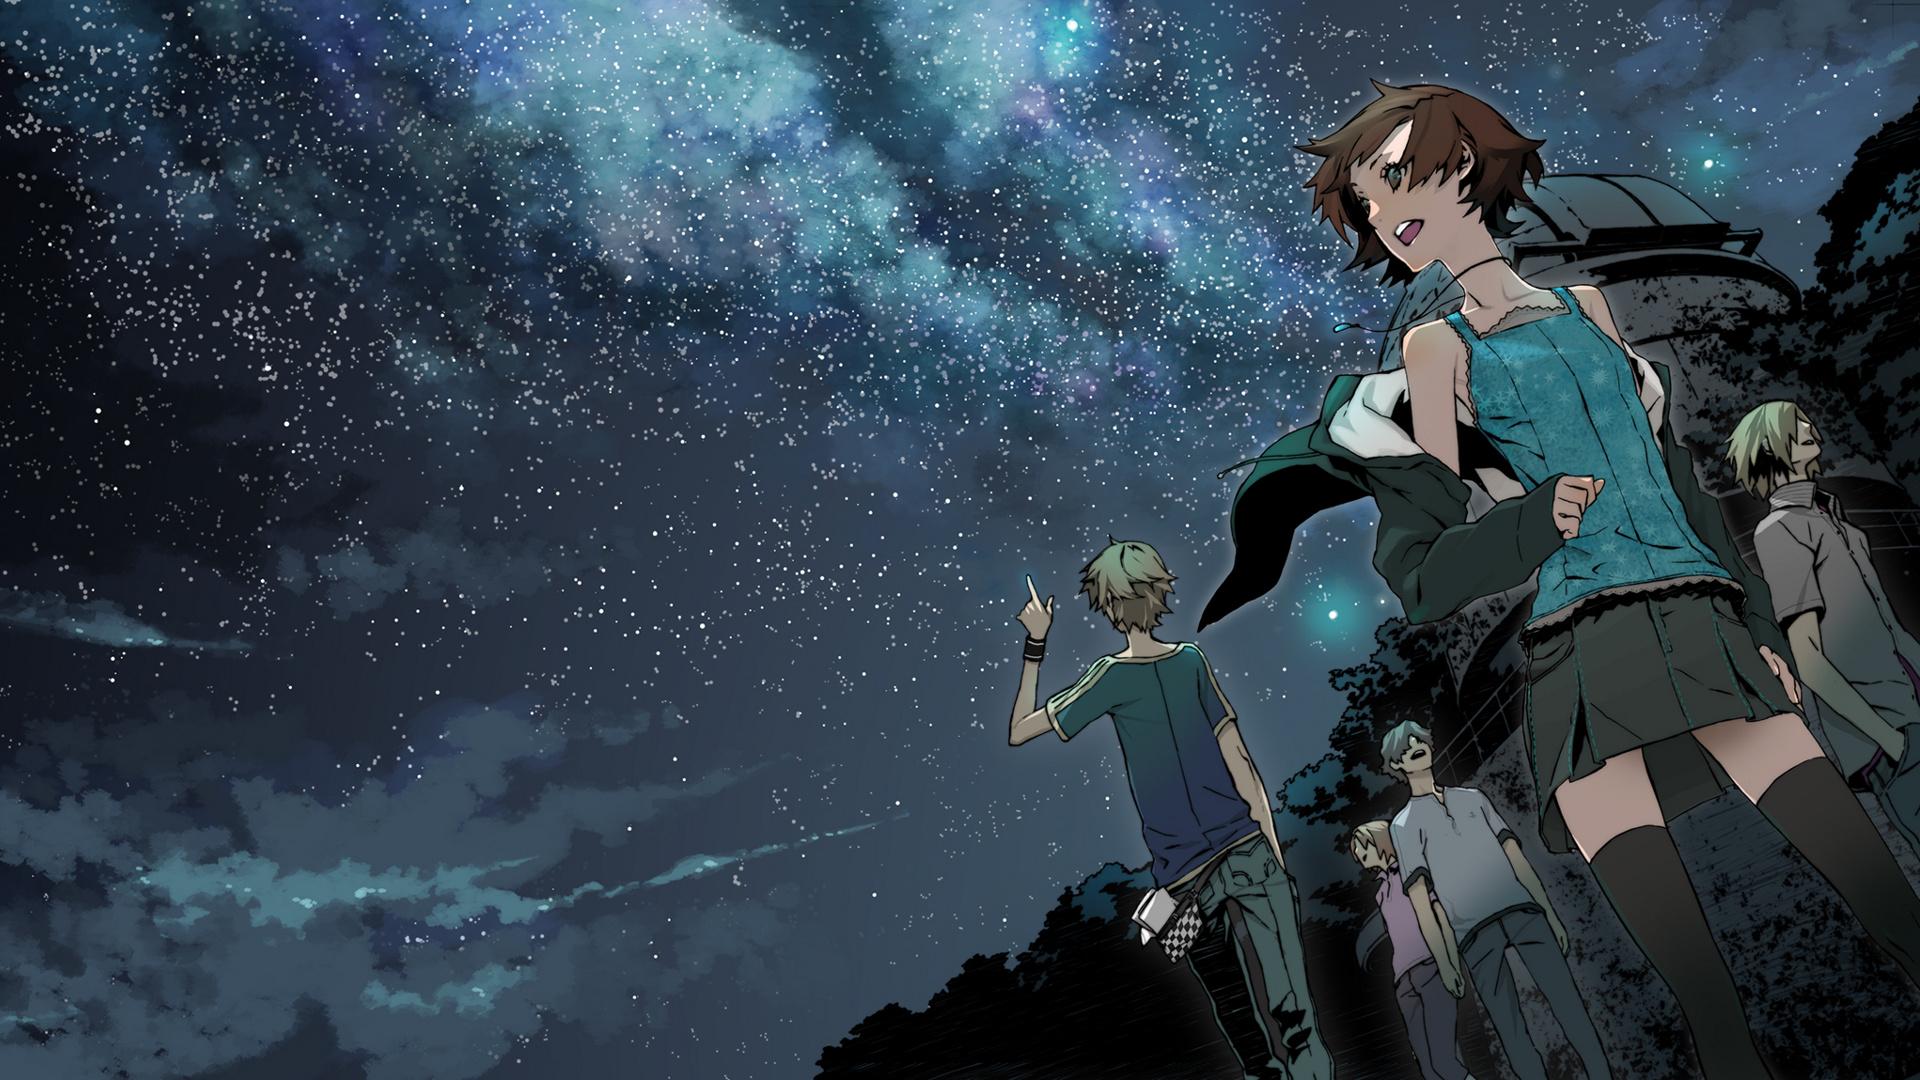 デスクトップ壁紙 アニメの女の子 アニメ少年 スペース 星